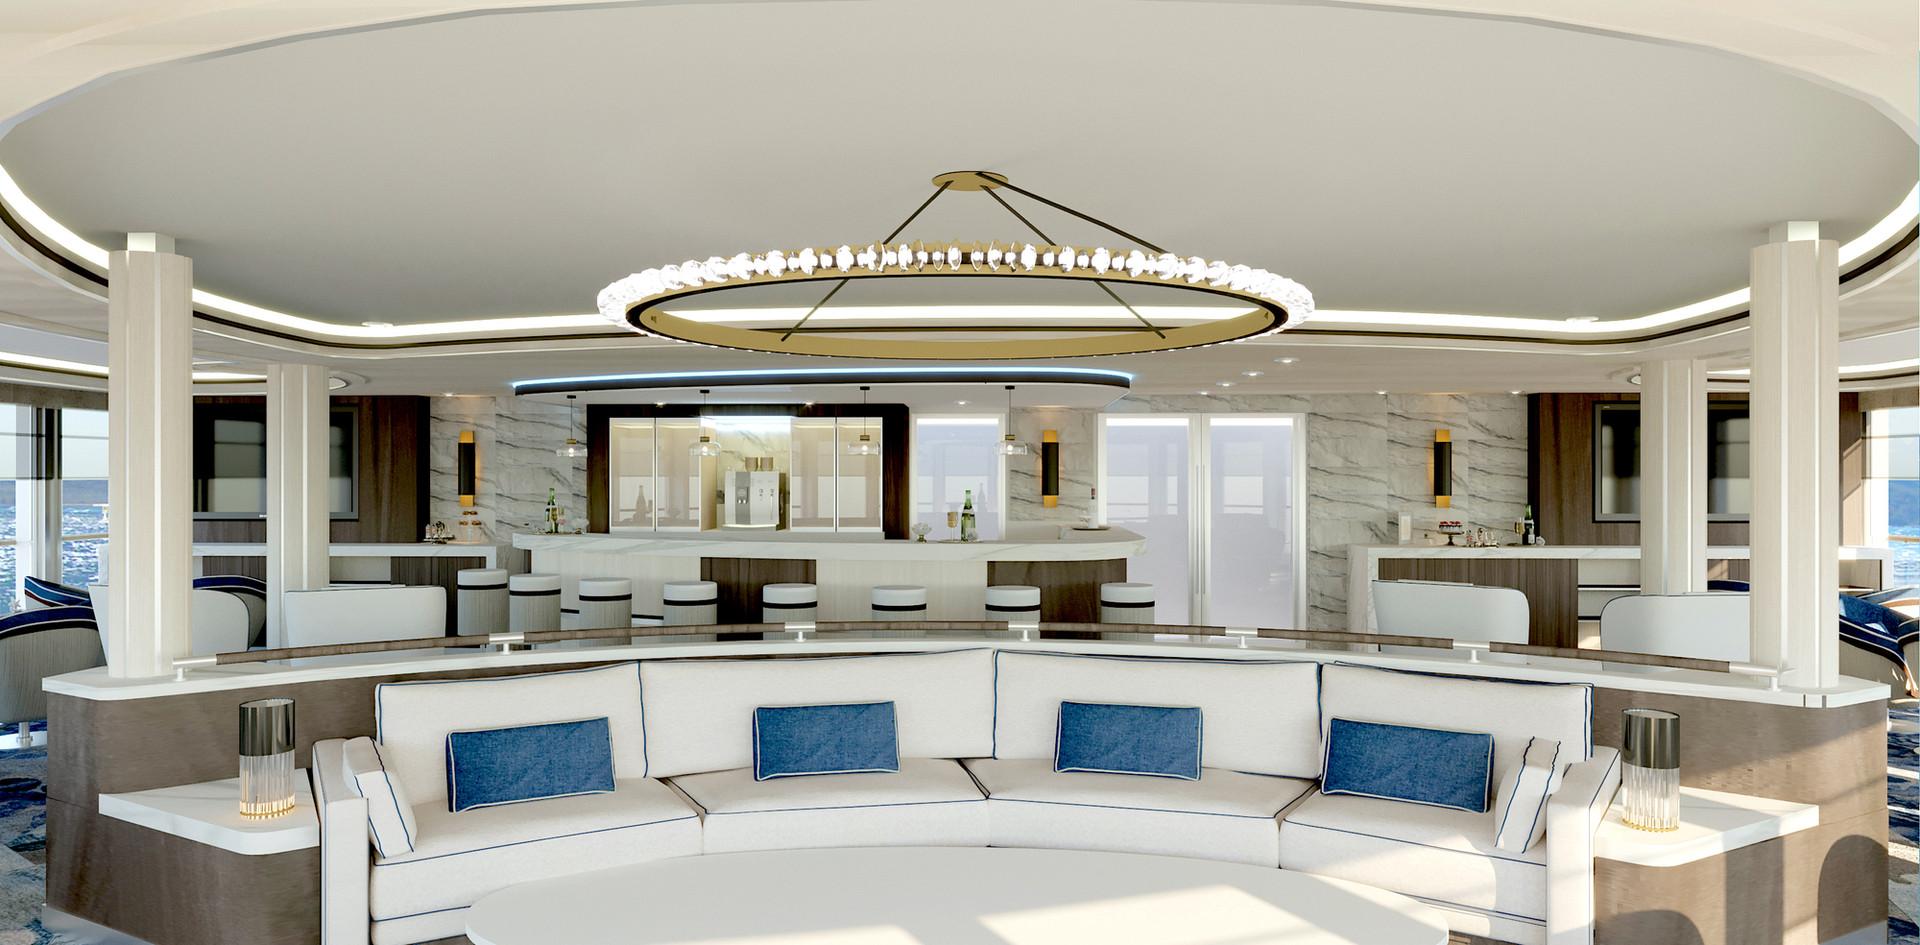 Ocean Explorer Observation Lounge